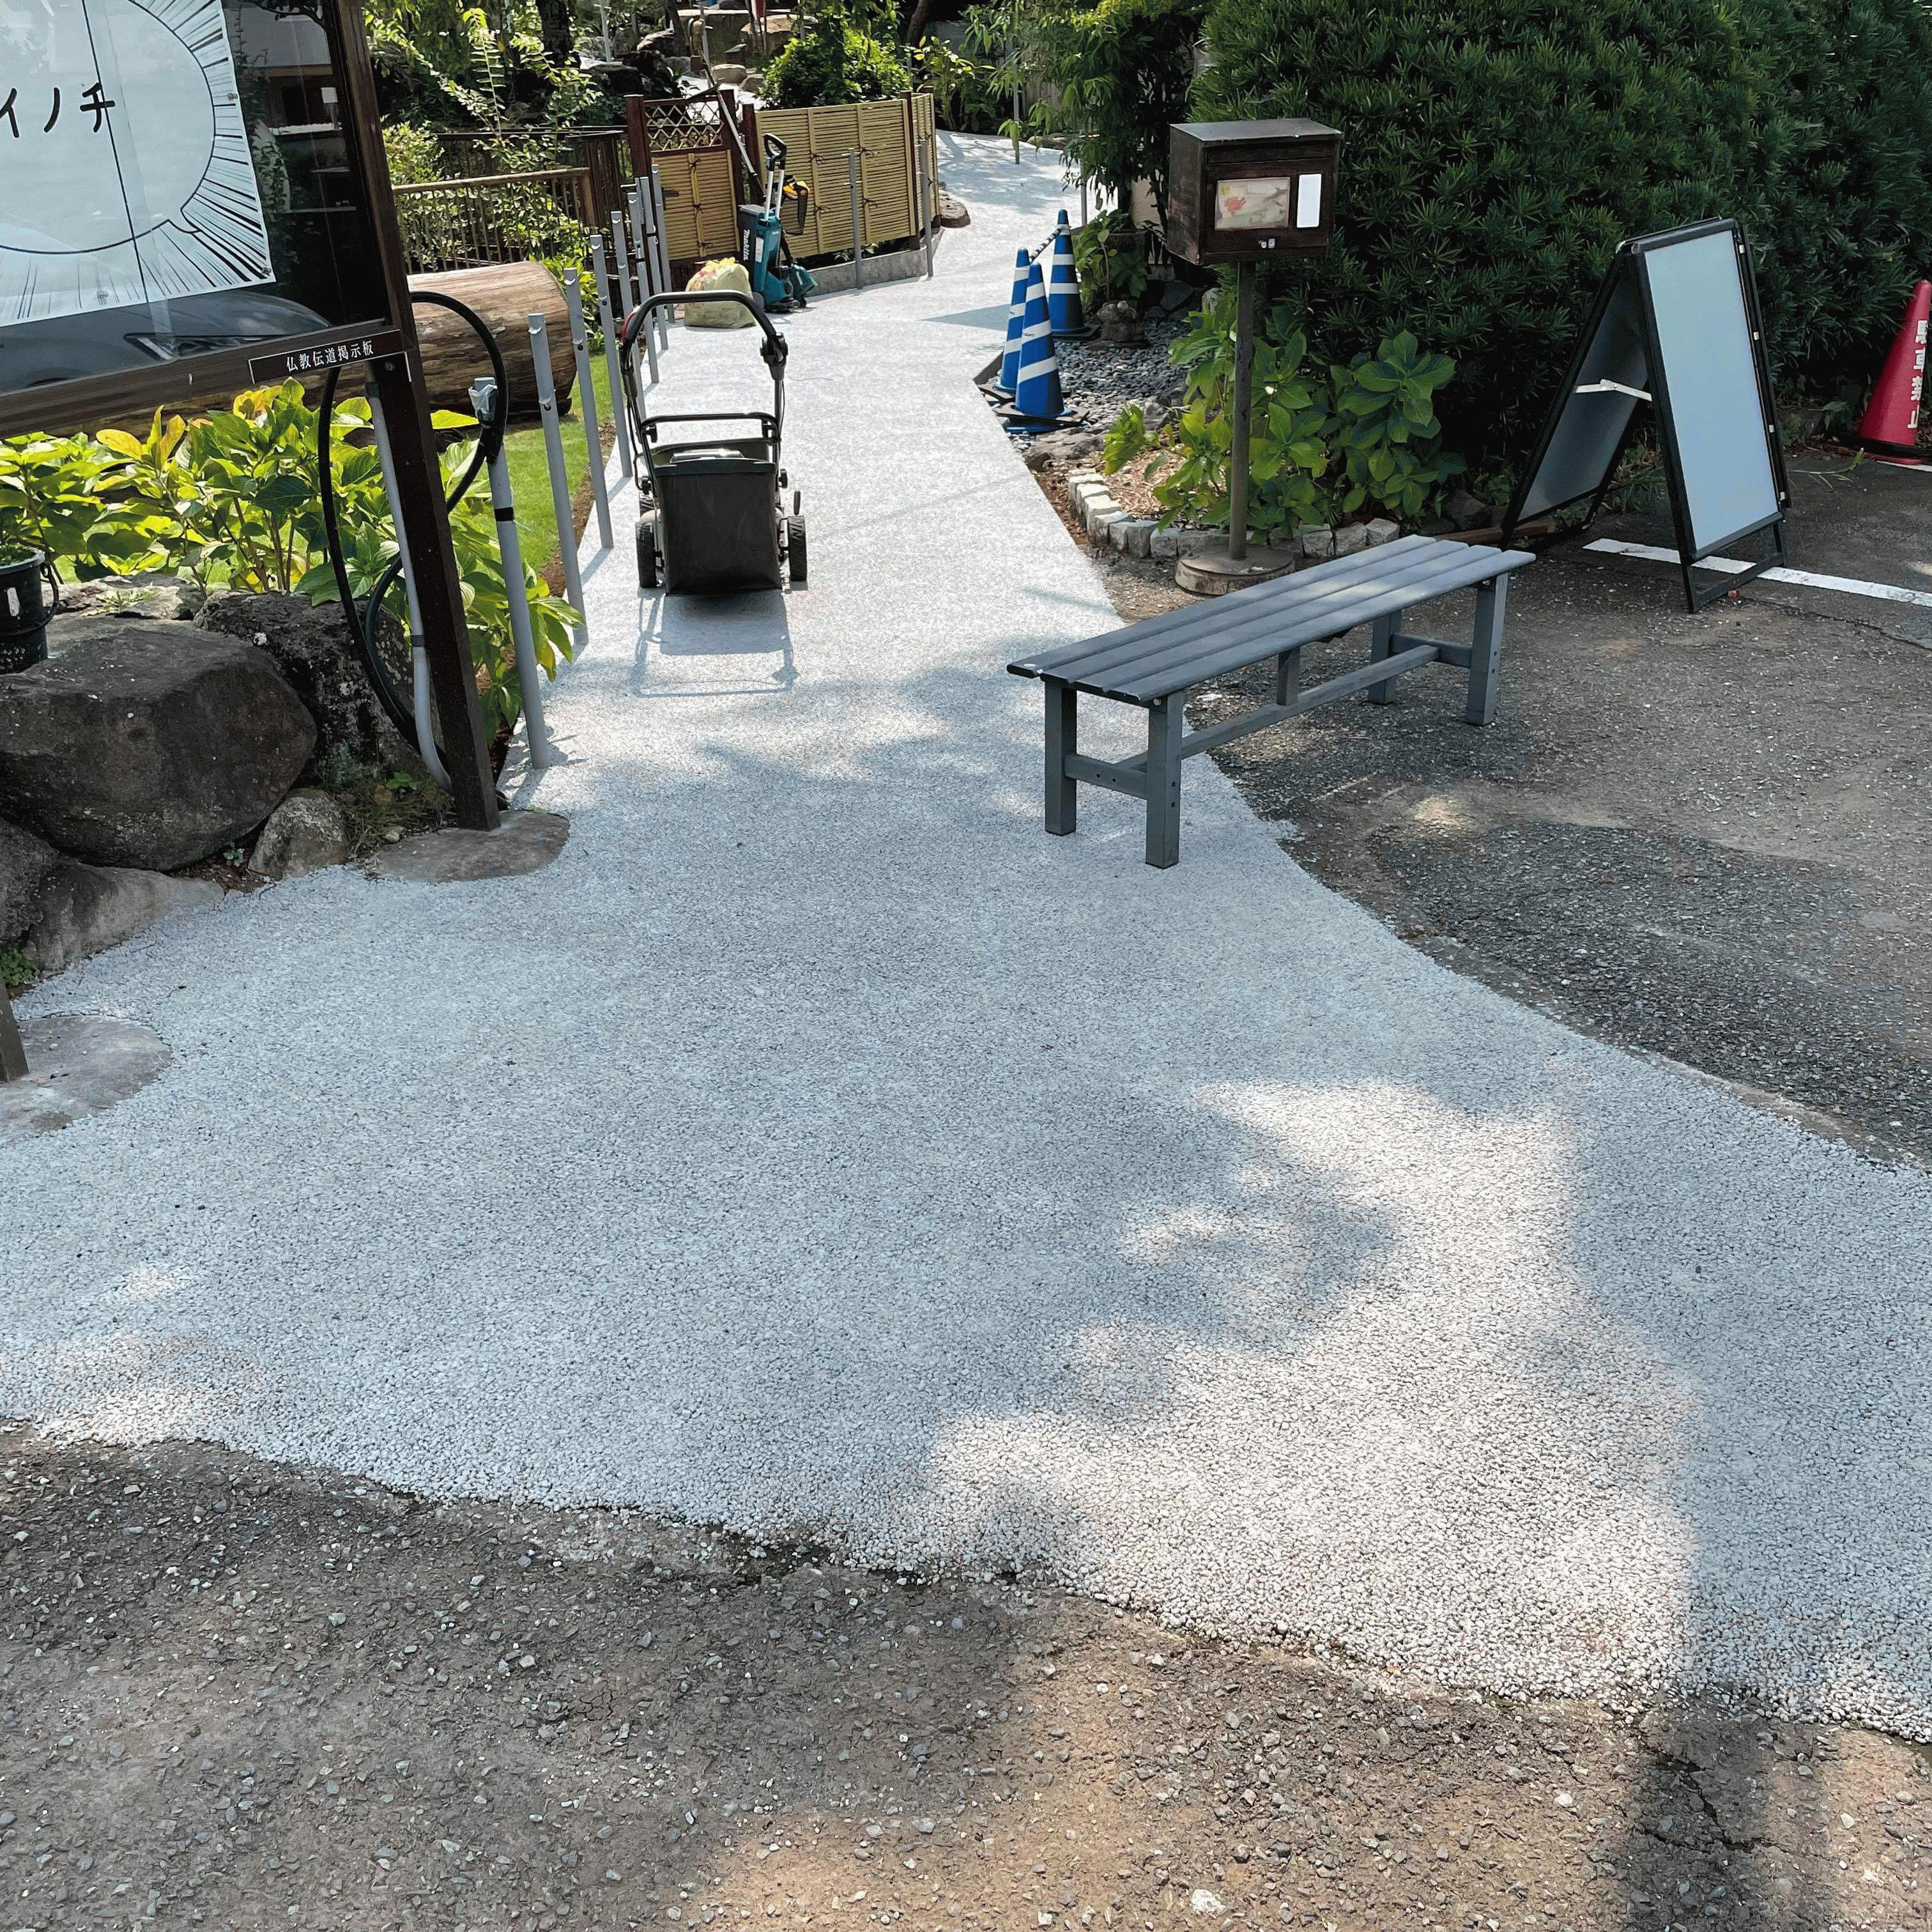 【静岡】「顔の位置が大人より低い子供やペットの体感温度は7度以上も高い」晴照造園